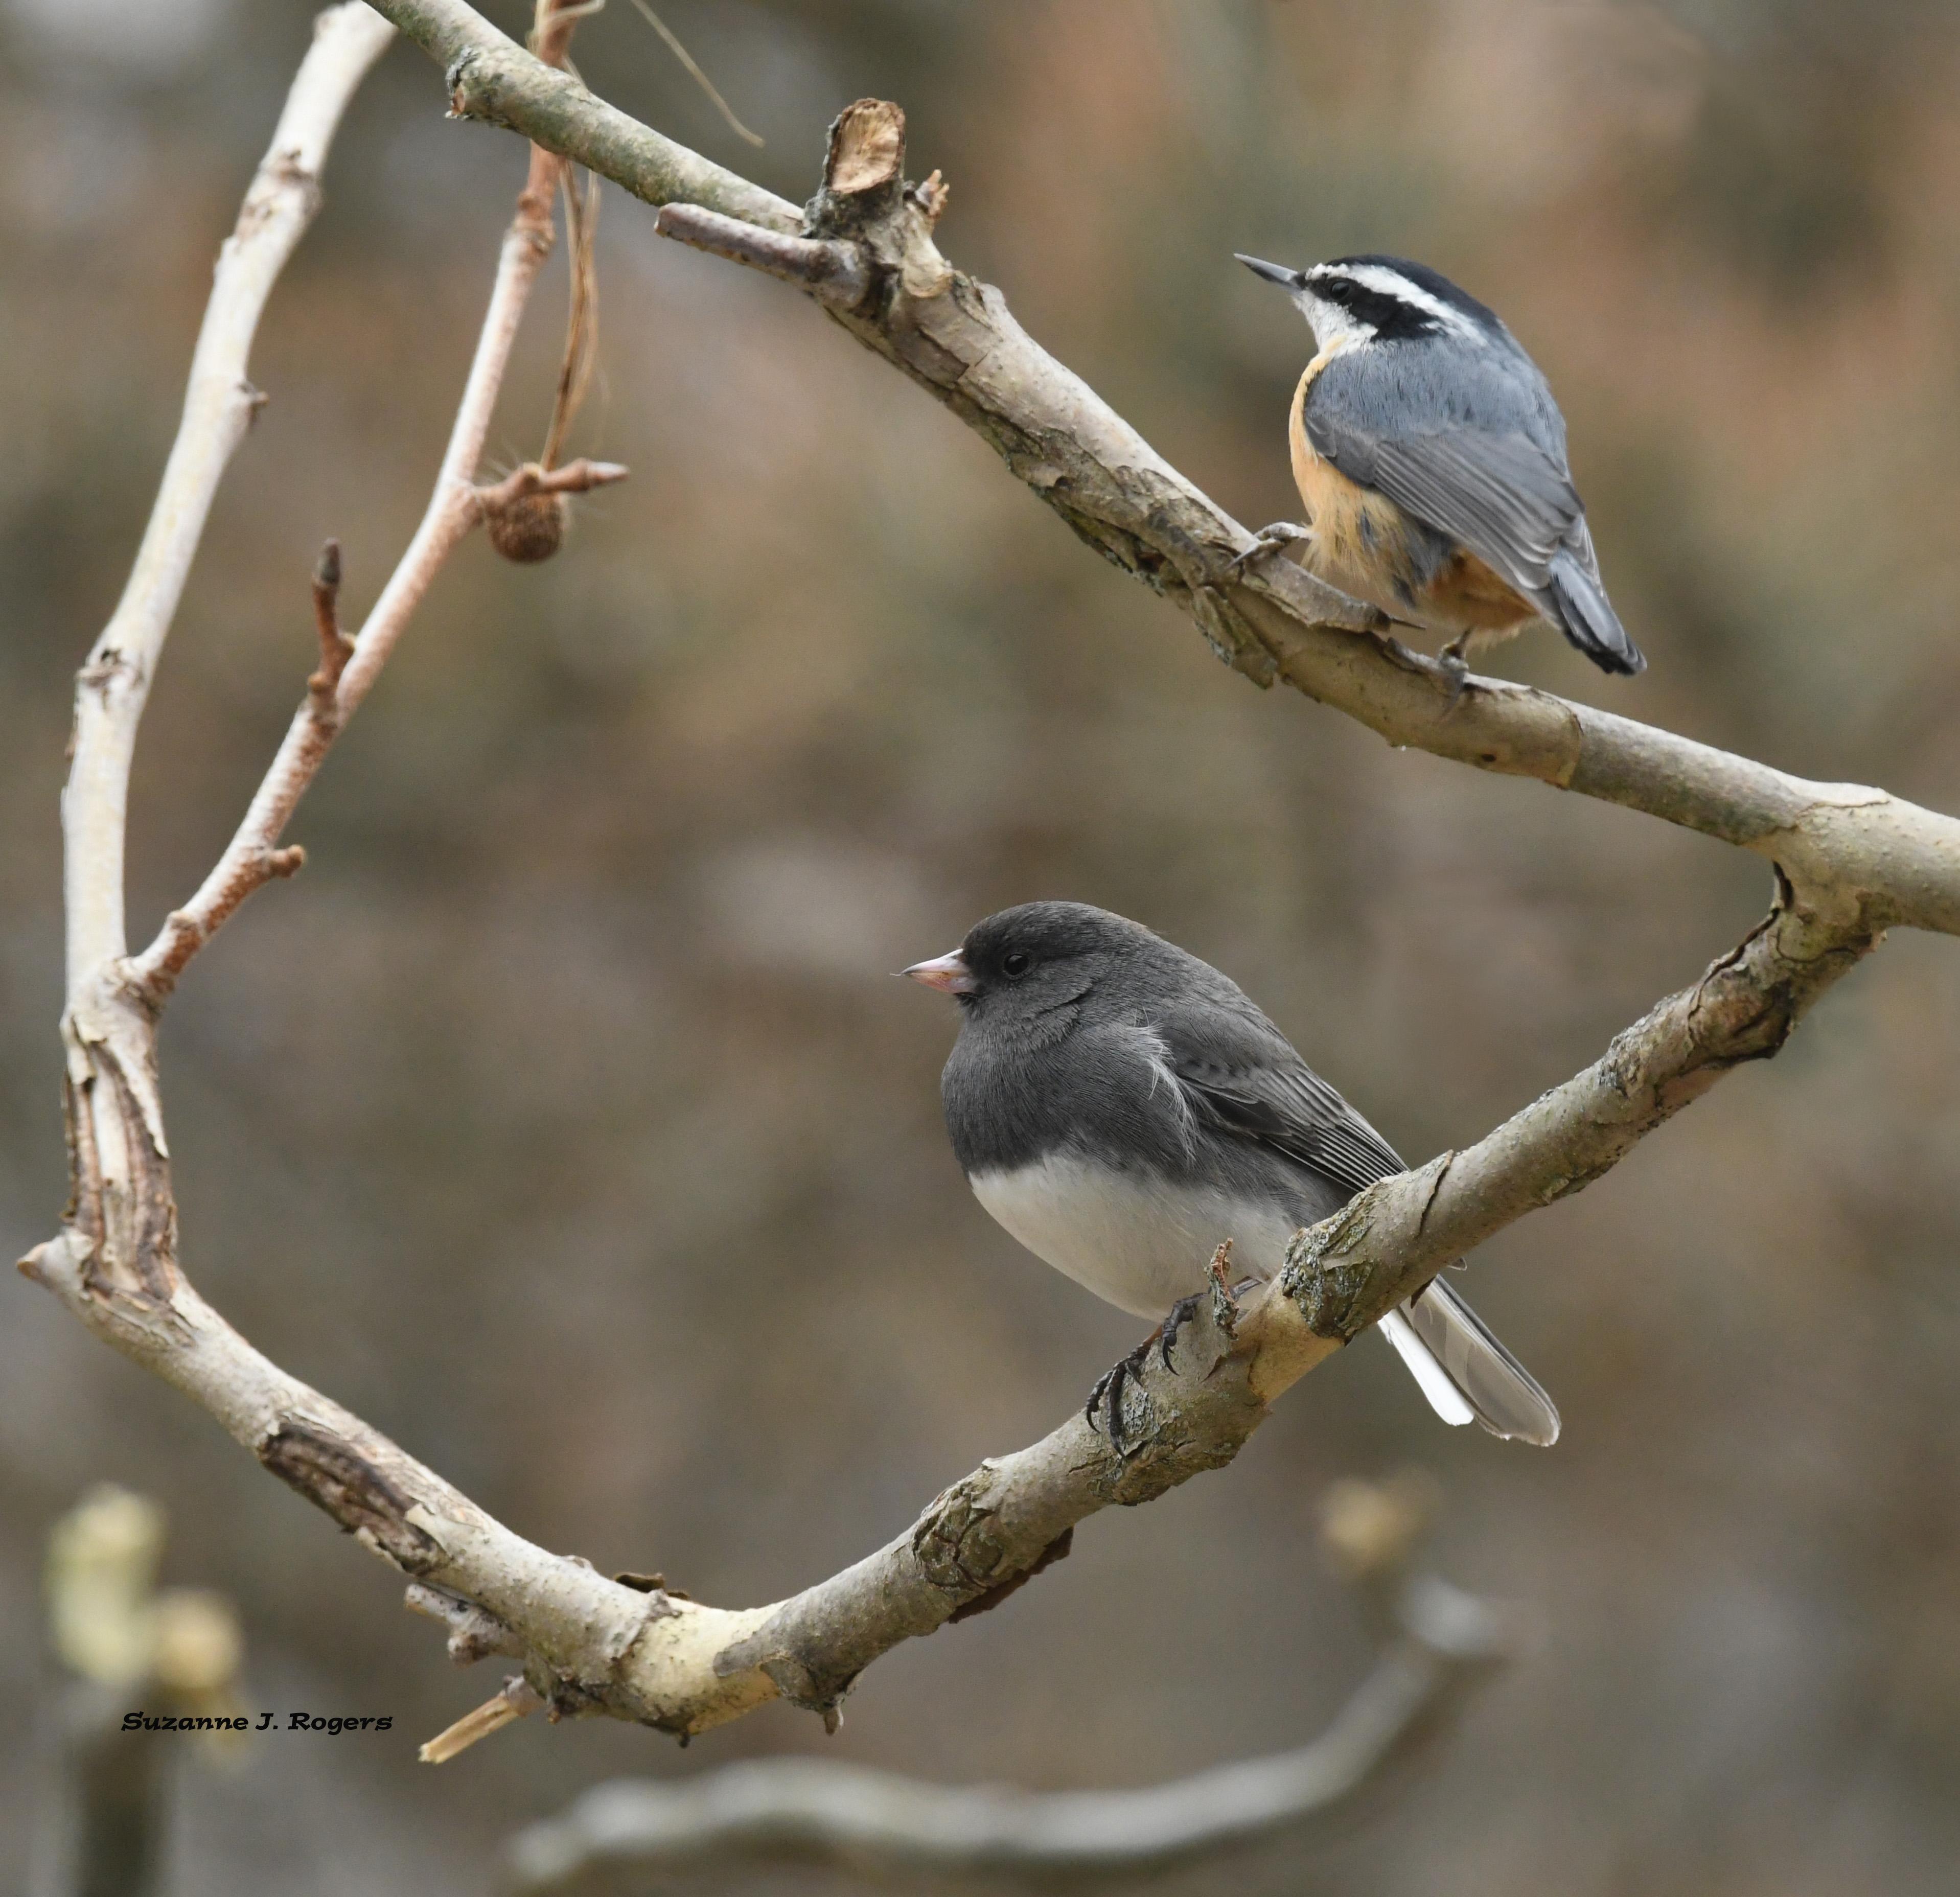 DSC_4510 Two birds